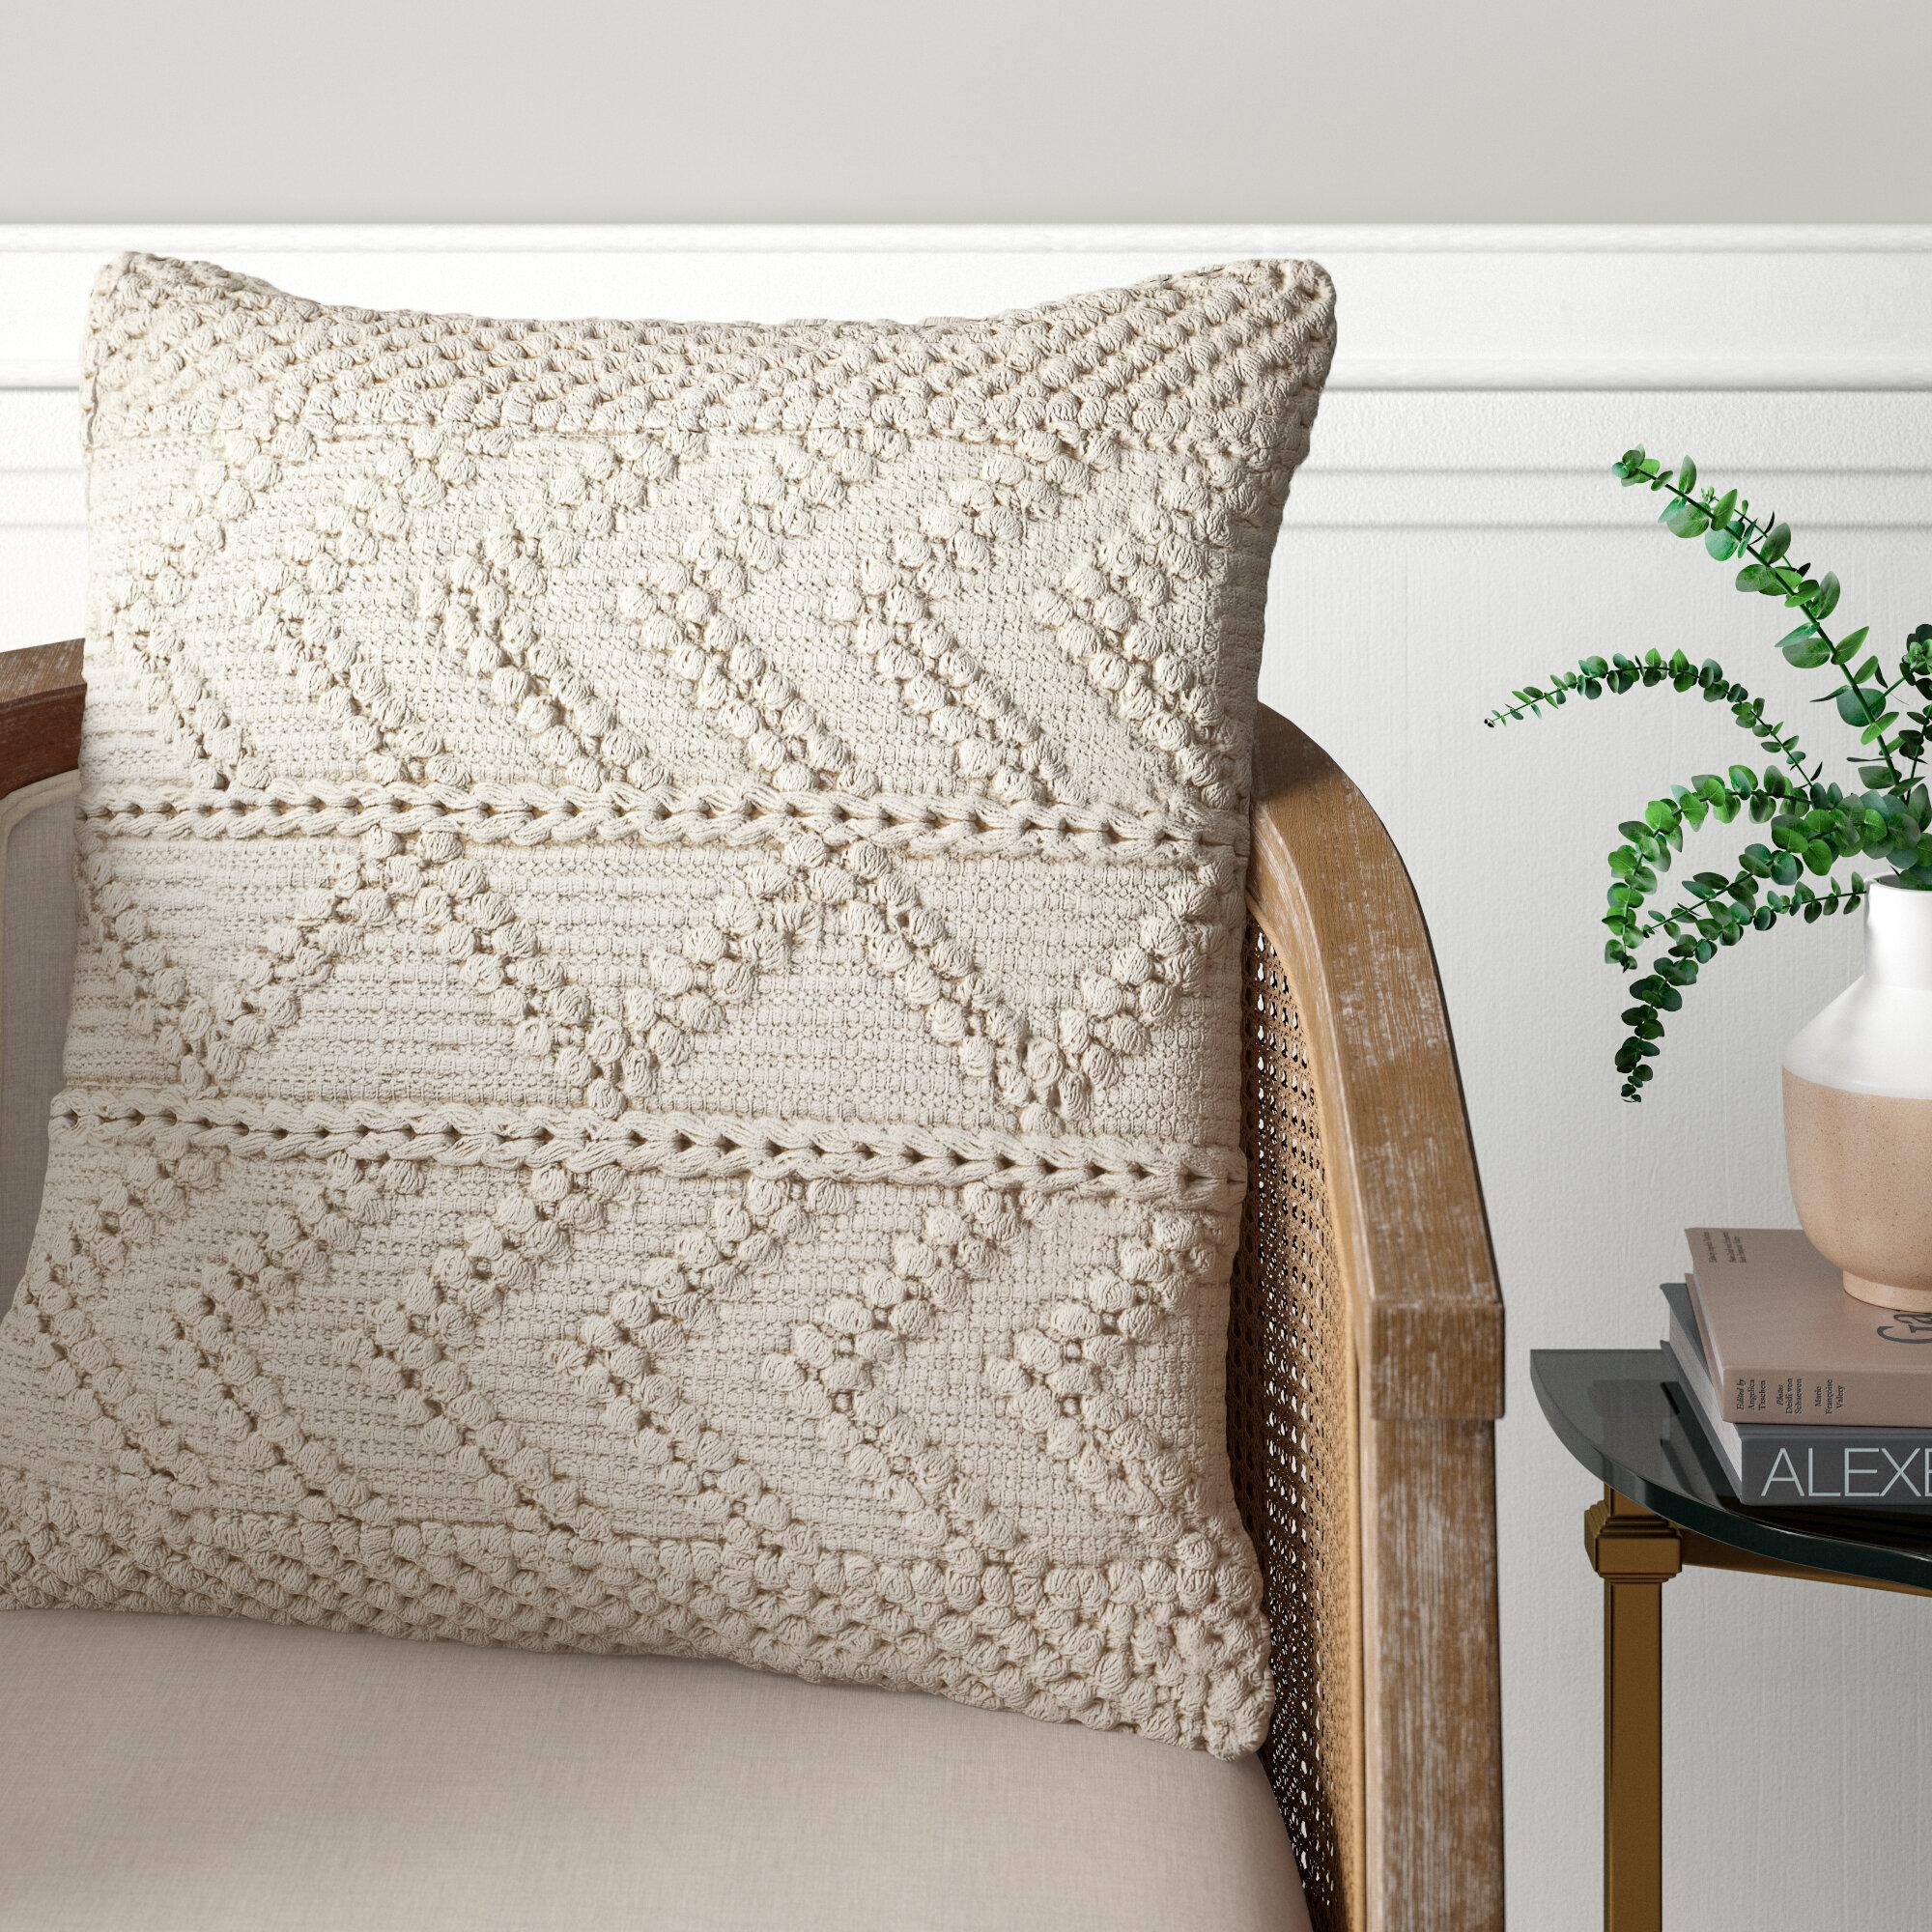 Statler Textured Cotton Throw Pillow Cover Reviews Joss Main